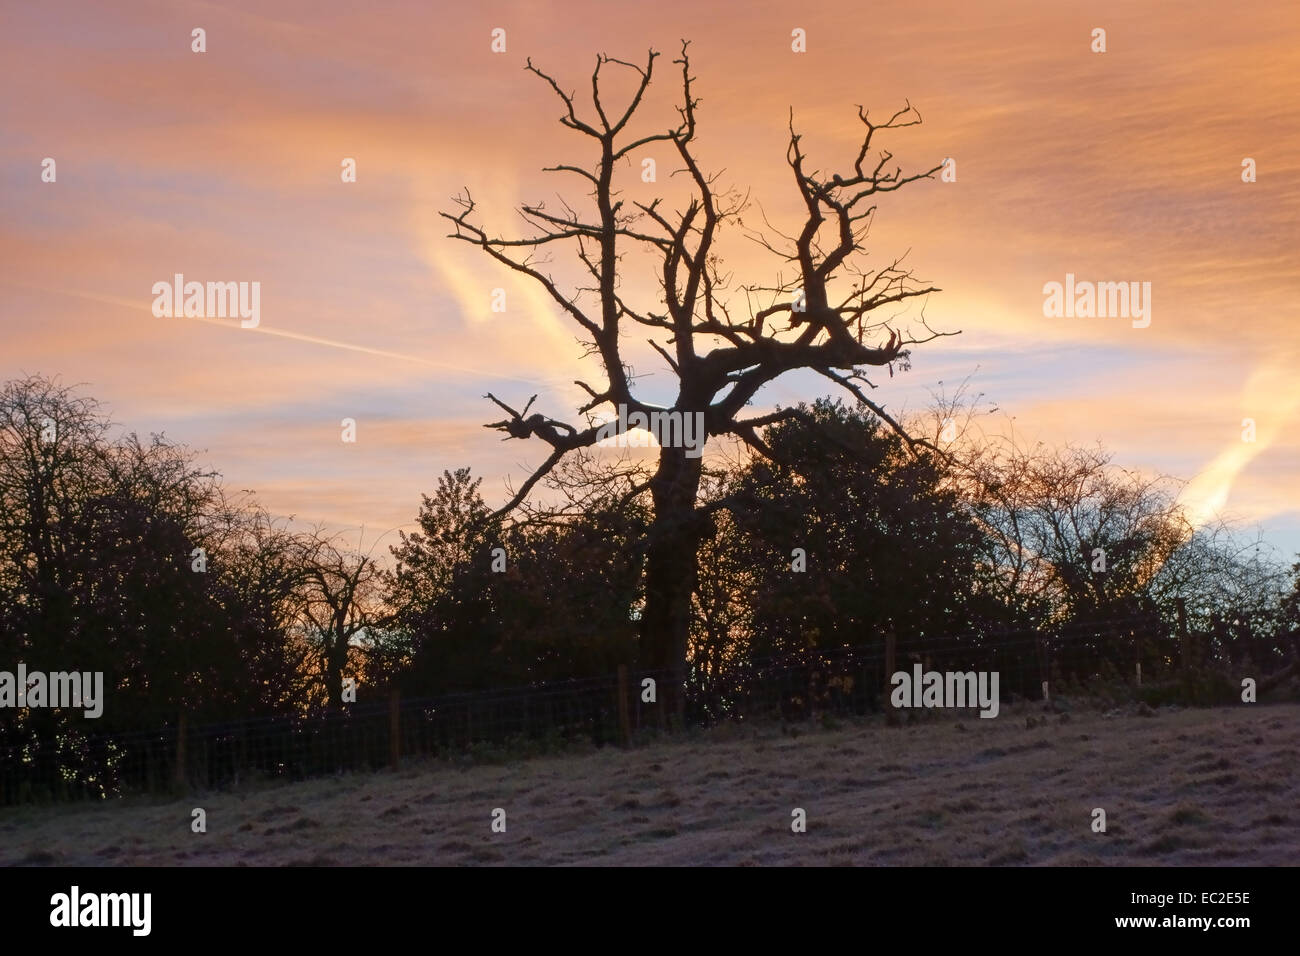 Lever du soleil d'hiver sur un matin glacial avec hedegeline nues des arbres et d'un chêne mort ensemble Photo Stock